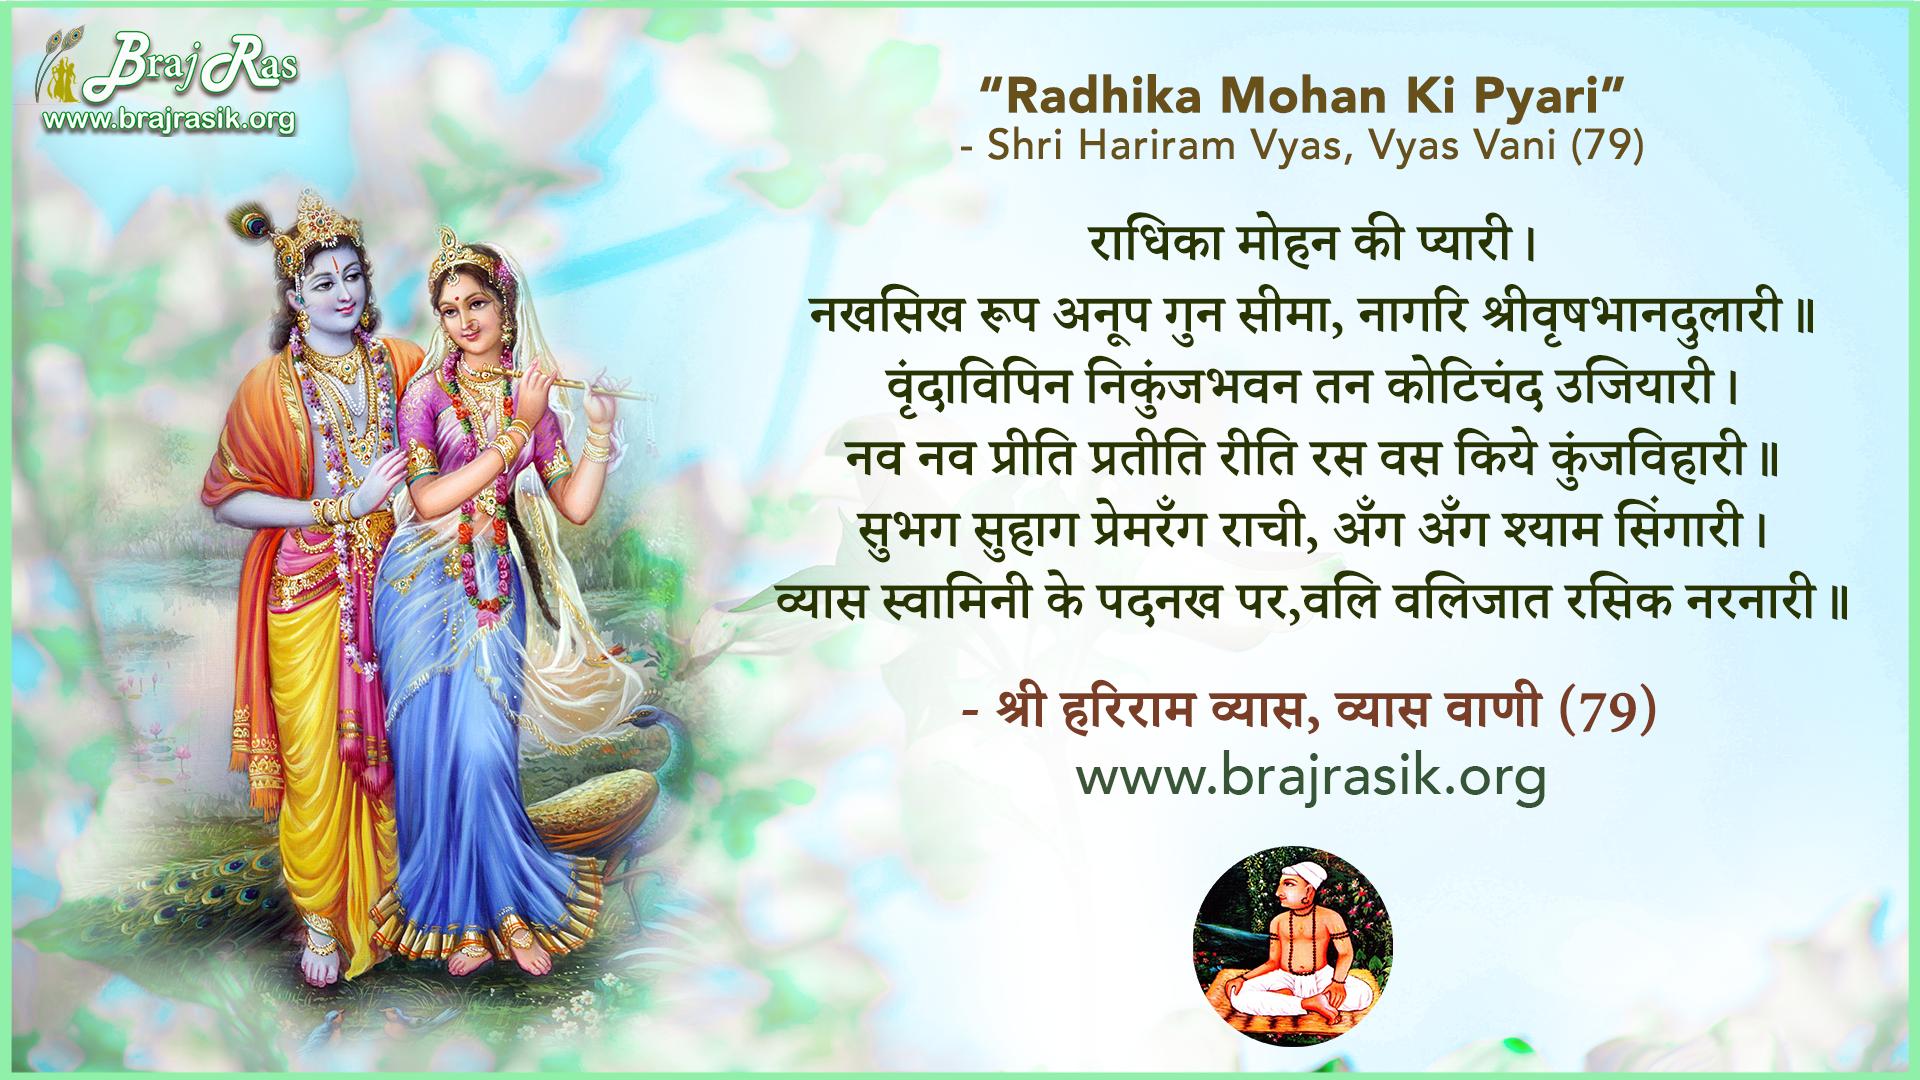 Radhika Mohan Ki Pyari - Shri Hariram Vyas, Vyas Vani (79)